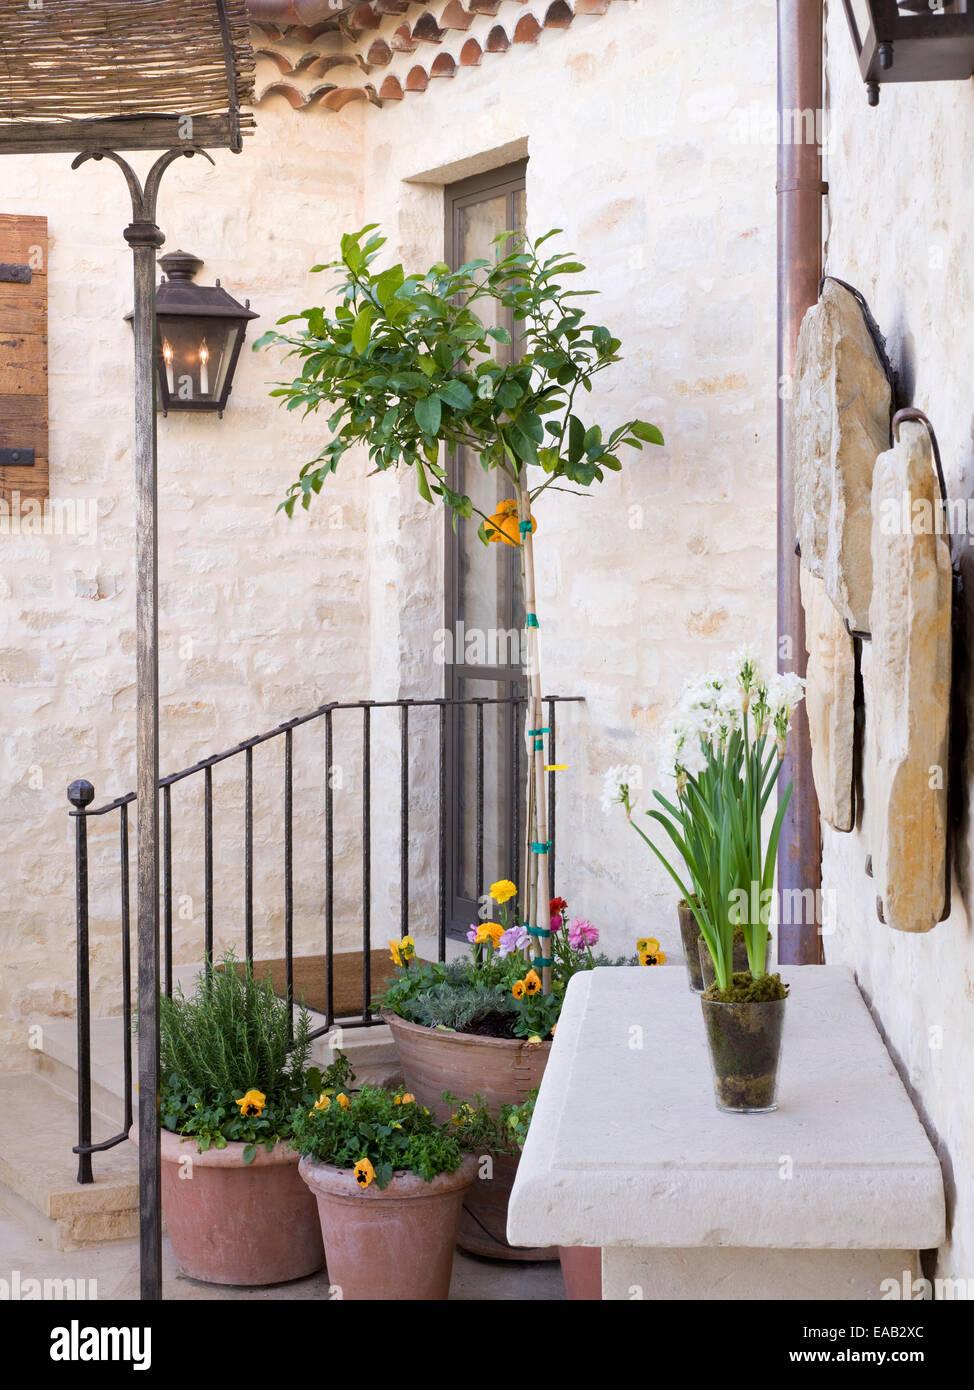 Patio de piedra con elementos de jardín Imagen De Stock